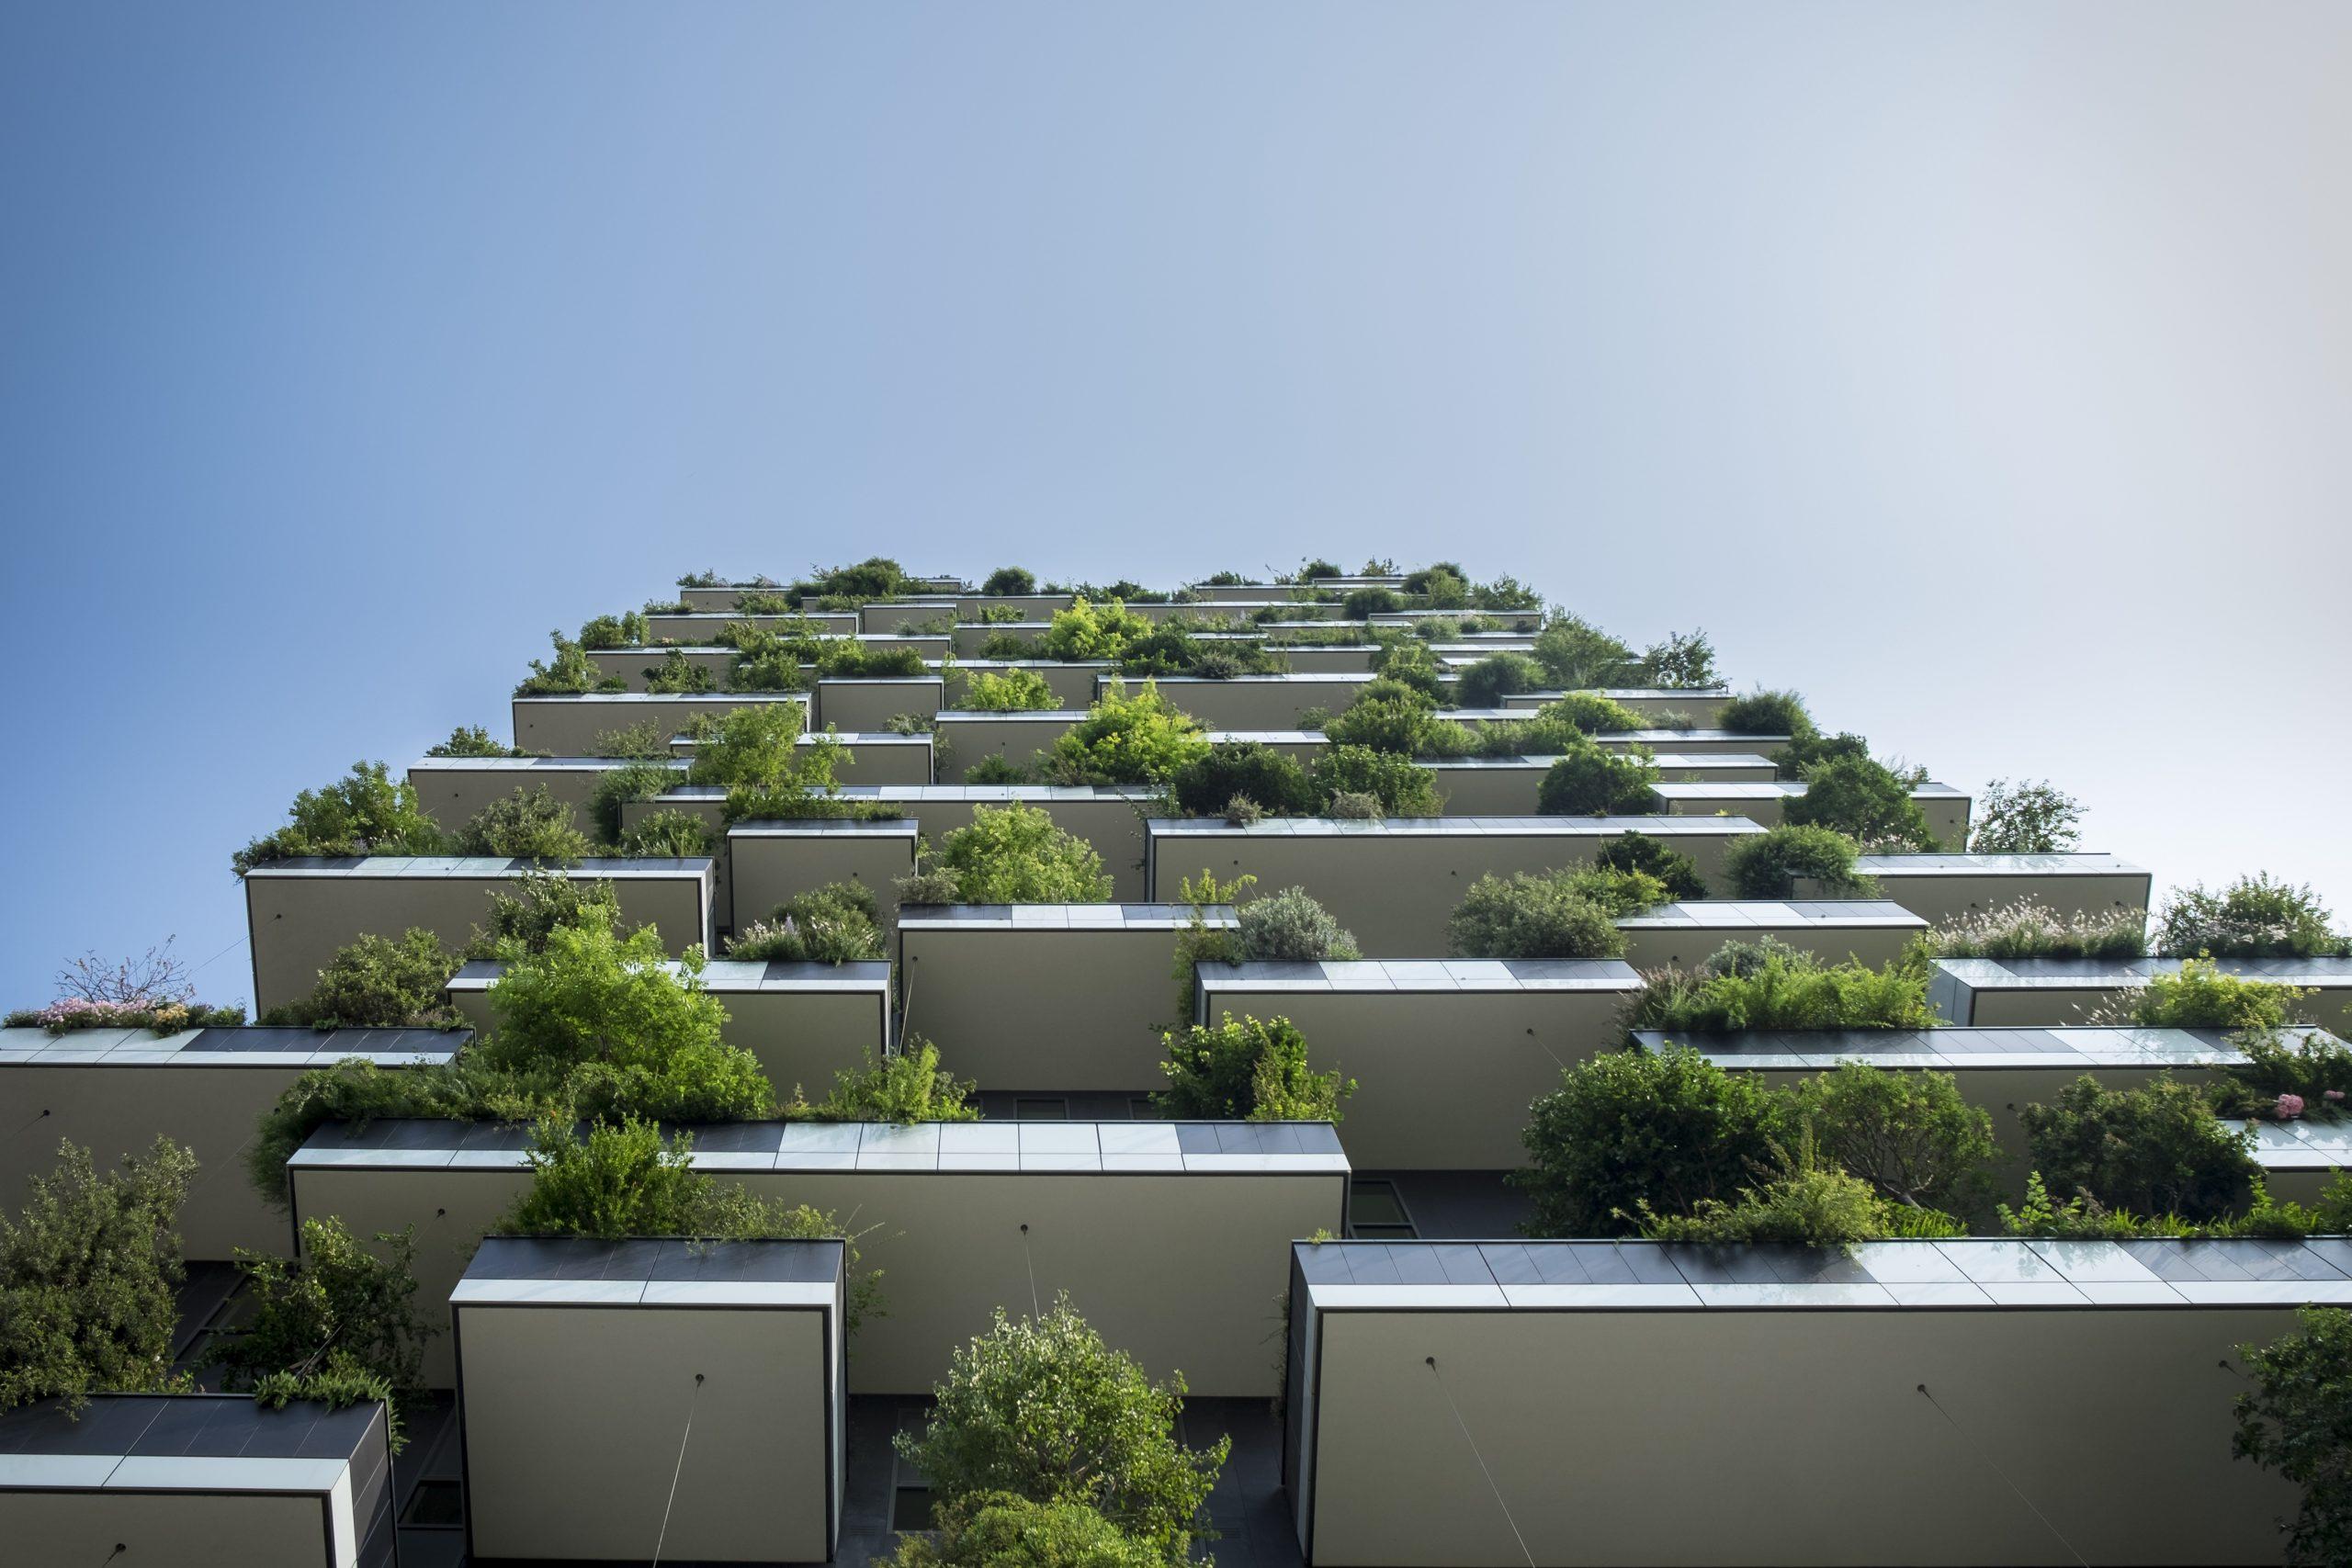 Le logement de demain sera green